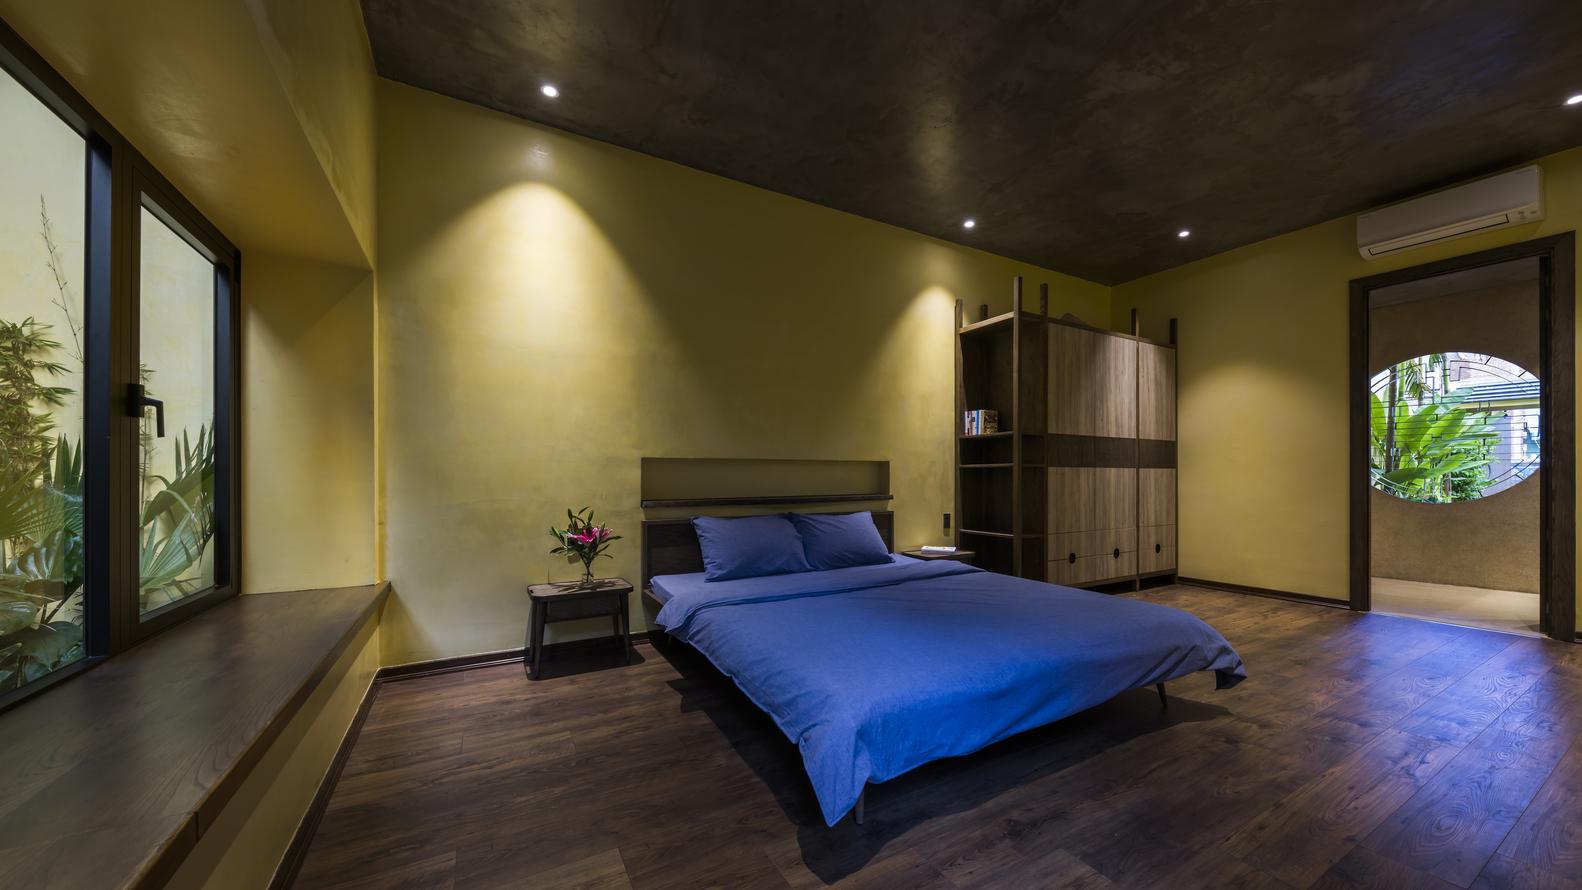 Phòng ngủ master rộng rãi, thiết kế nội thất tối giản tạo cảm giác thư thái cho người dùng.